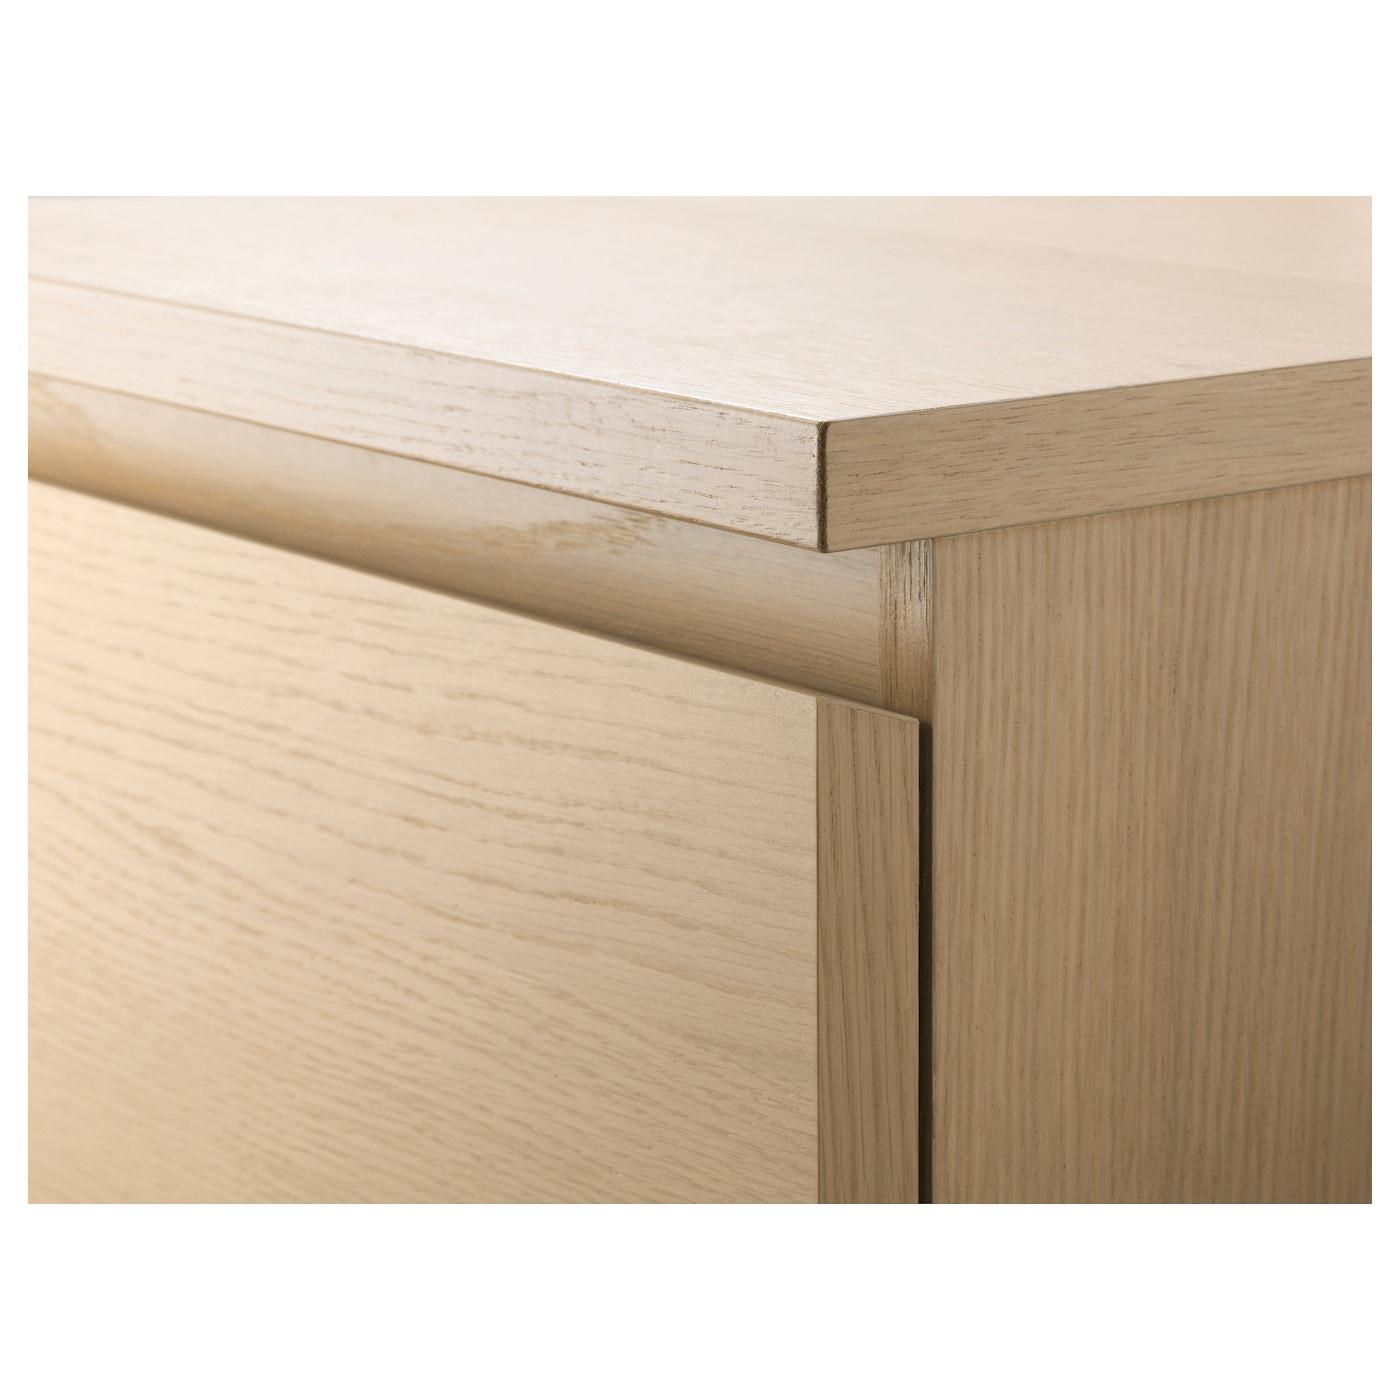 MALM Komoda, 4 szuflady, okleina dębowa bejcowana na biało, 80x100 cm